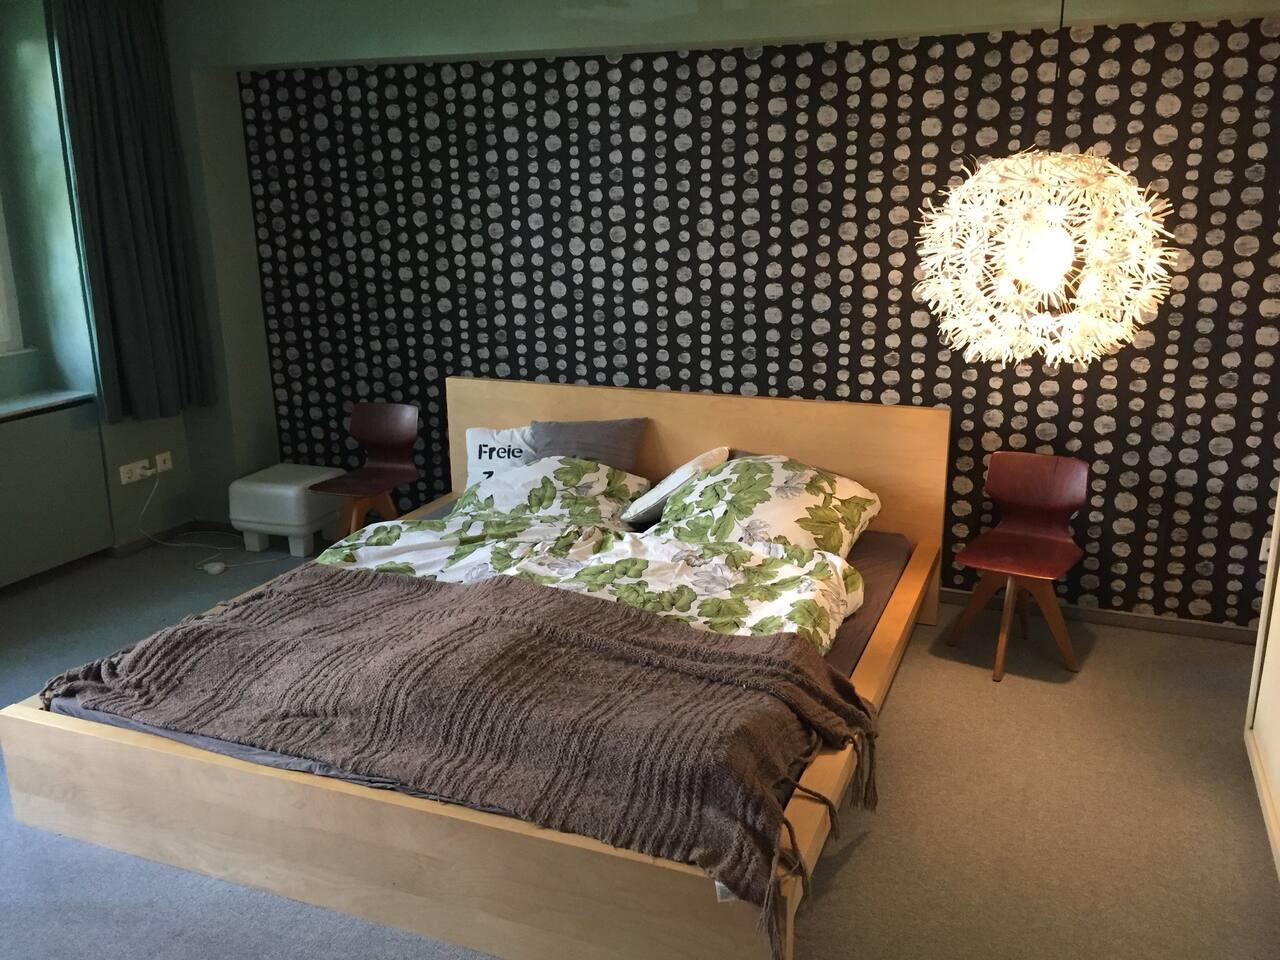 Das gemütliche Schlafzimmer.